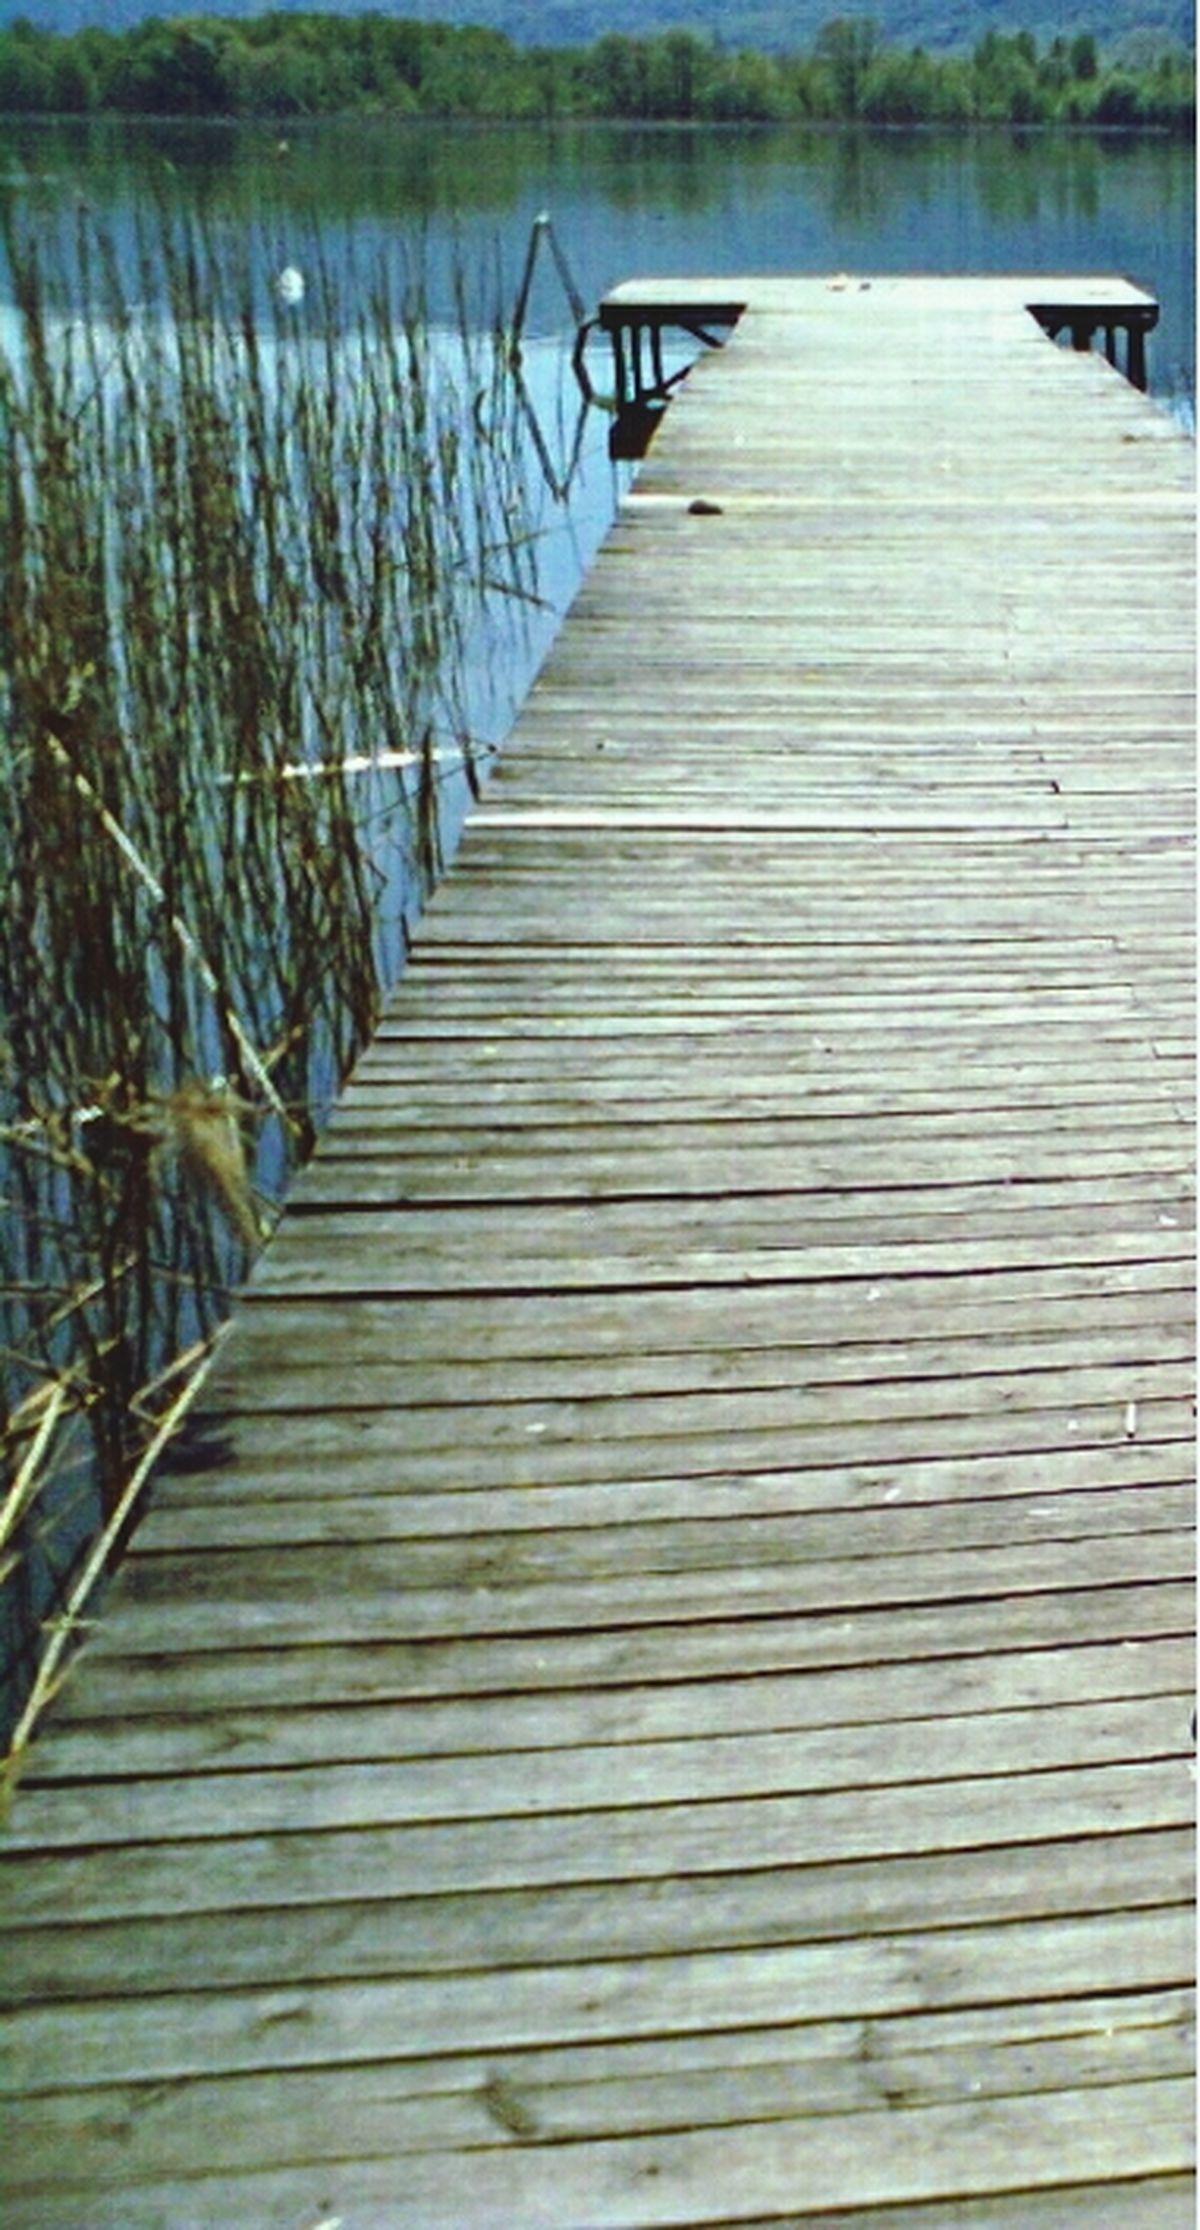 Izmit SAPANCAGÖLÜ Lake View Sekakampı